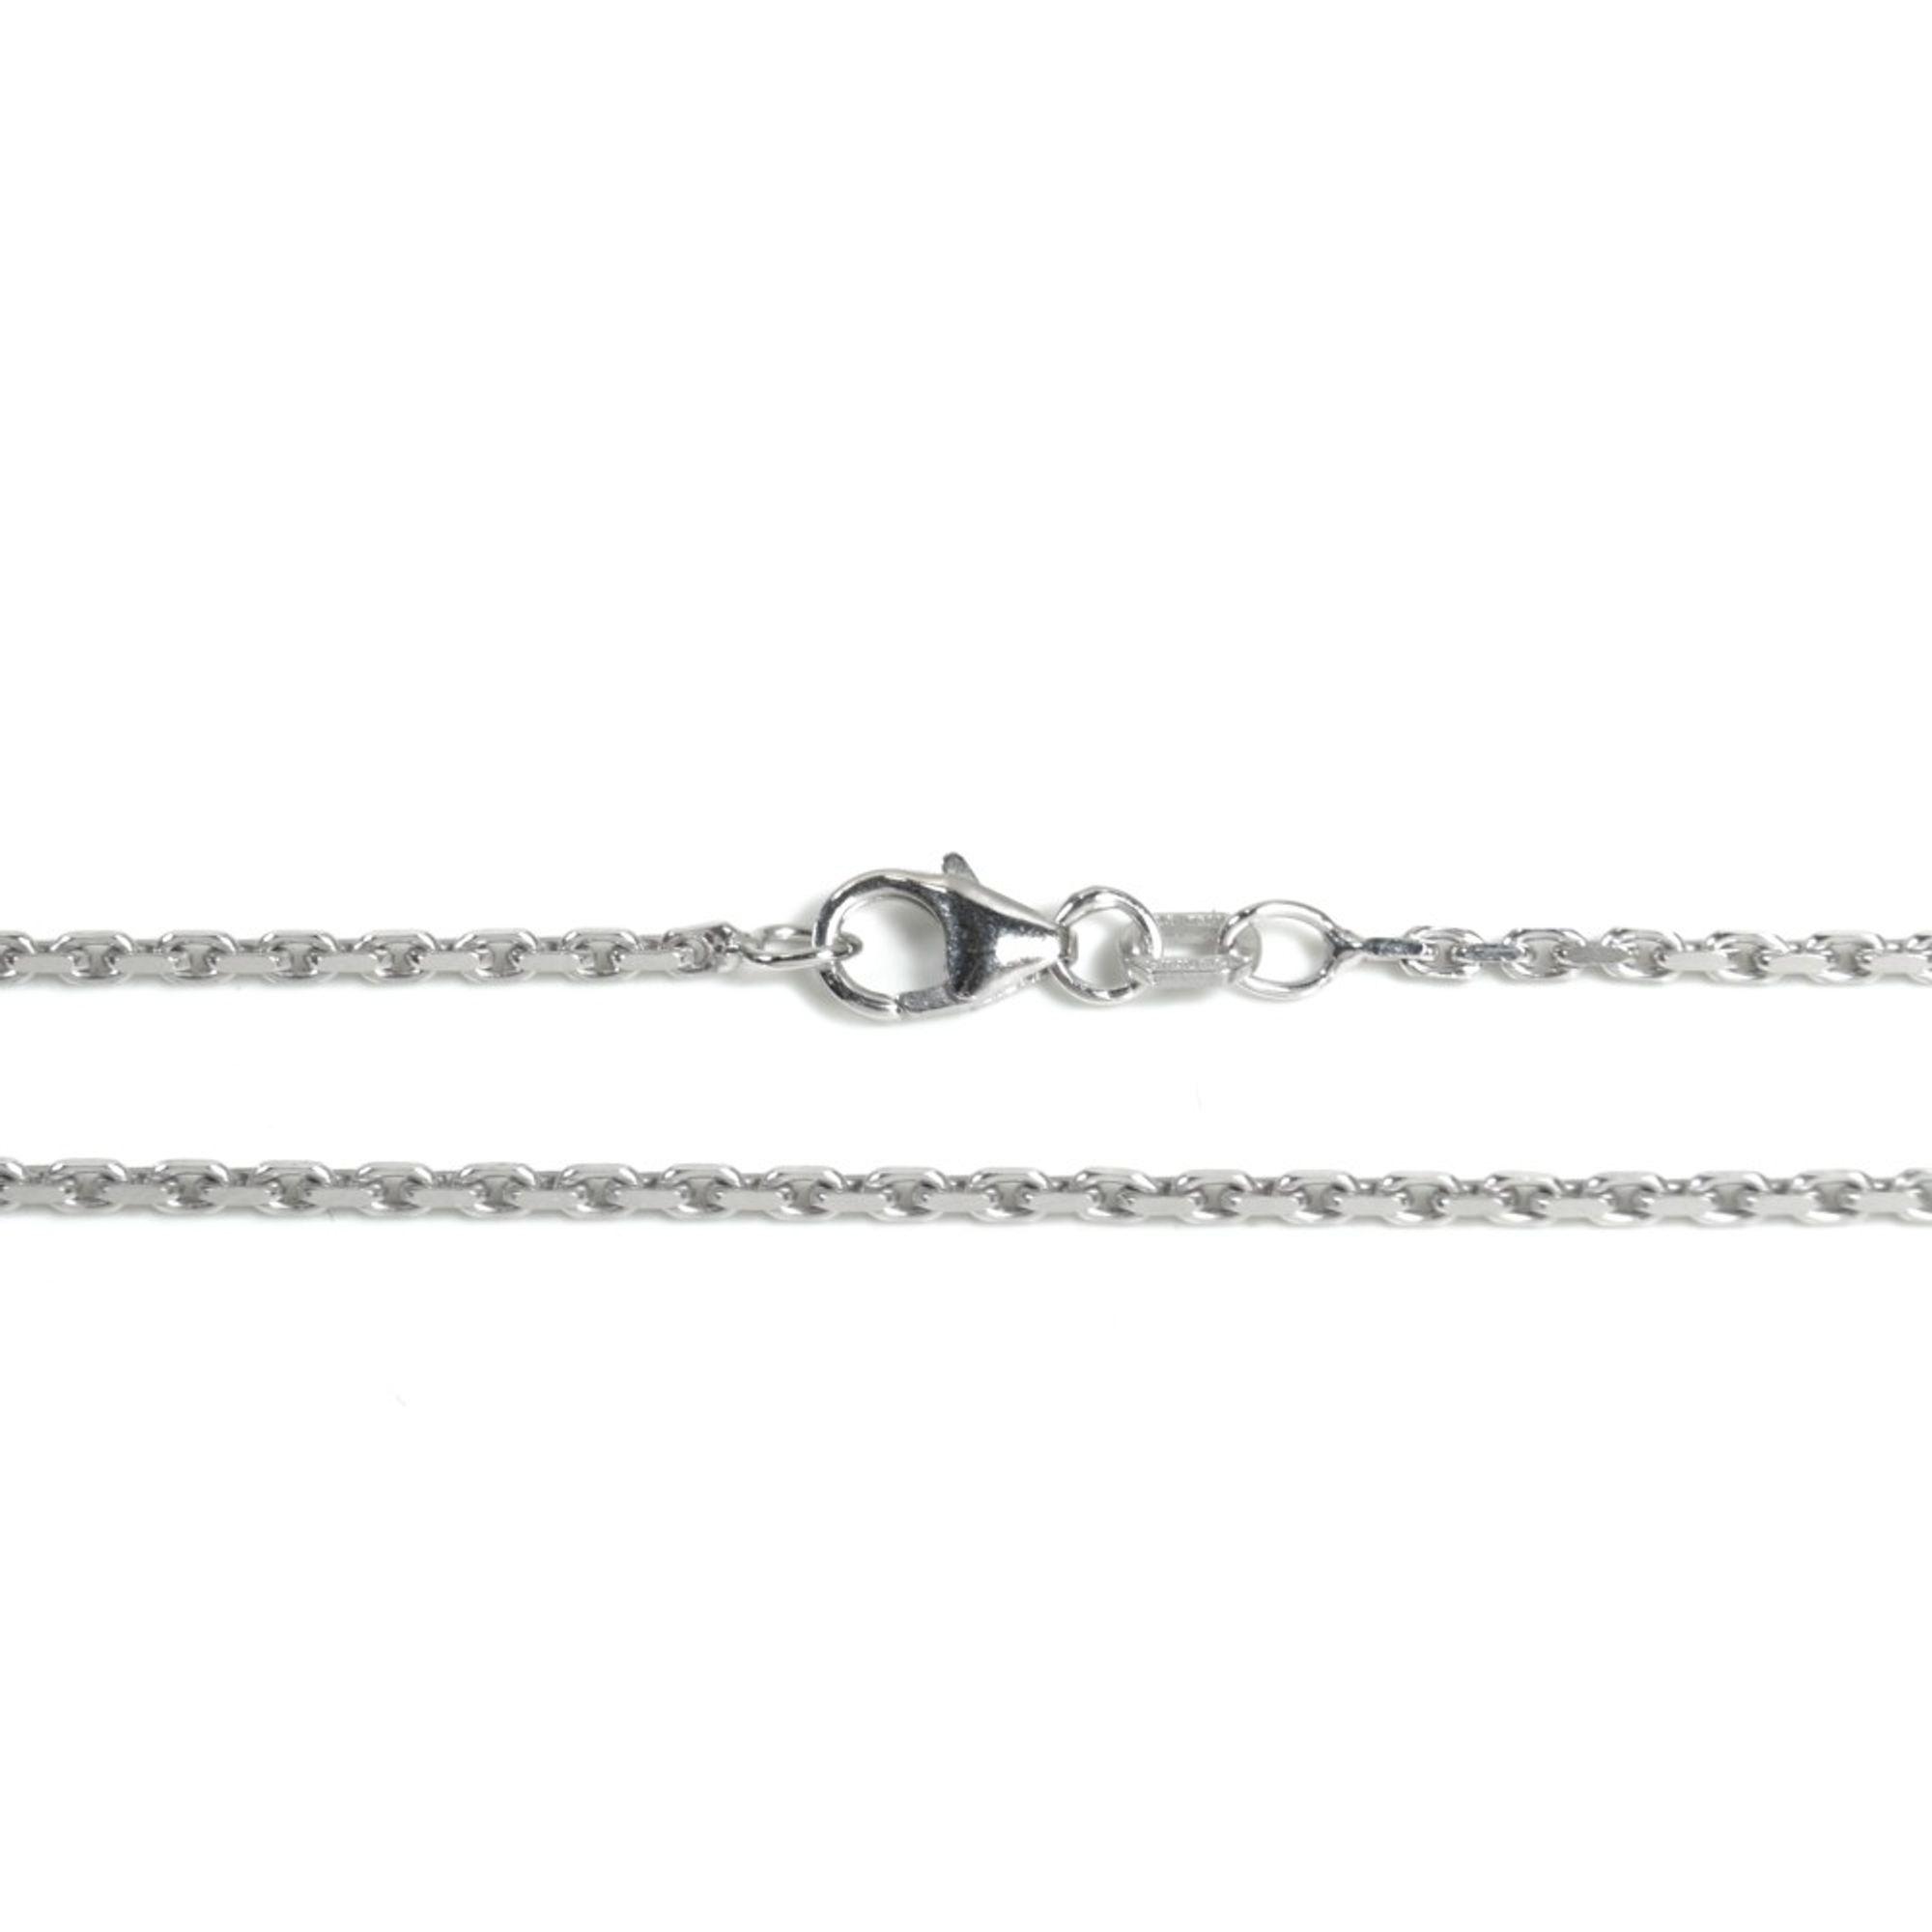 Basic Silber AN02.00.55R Kette Anker Unisex Halskette Silber 55 cm